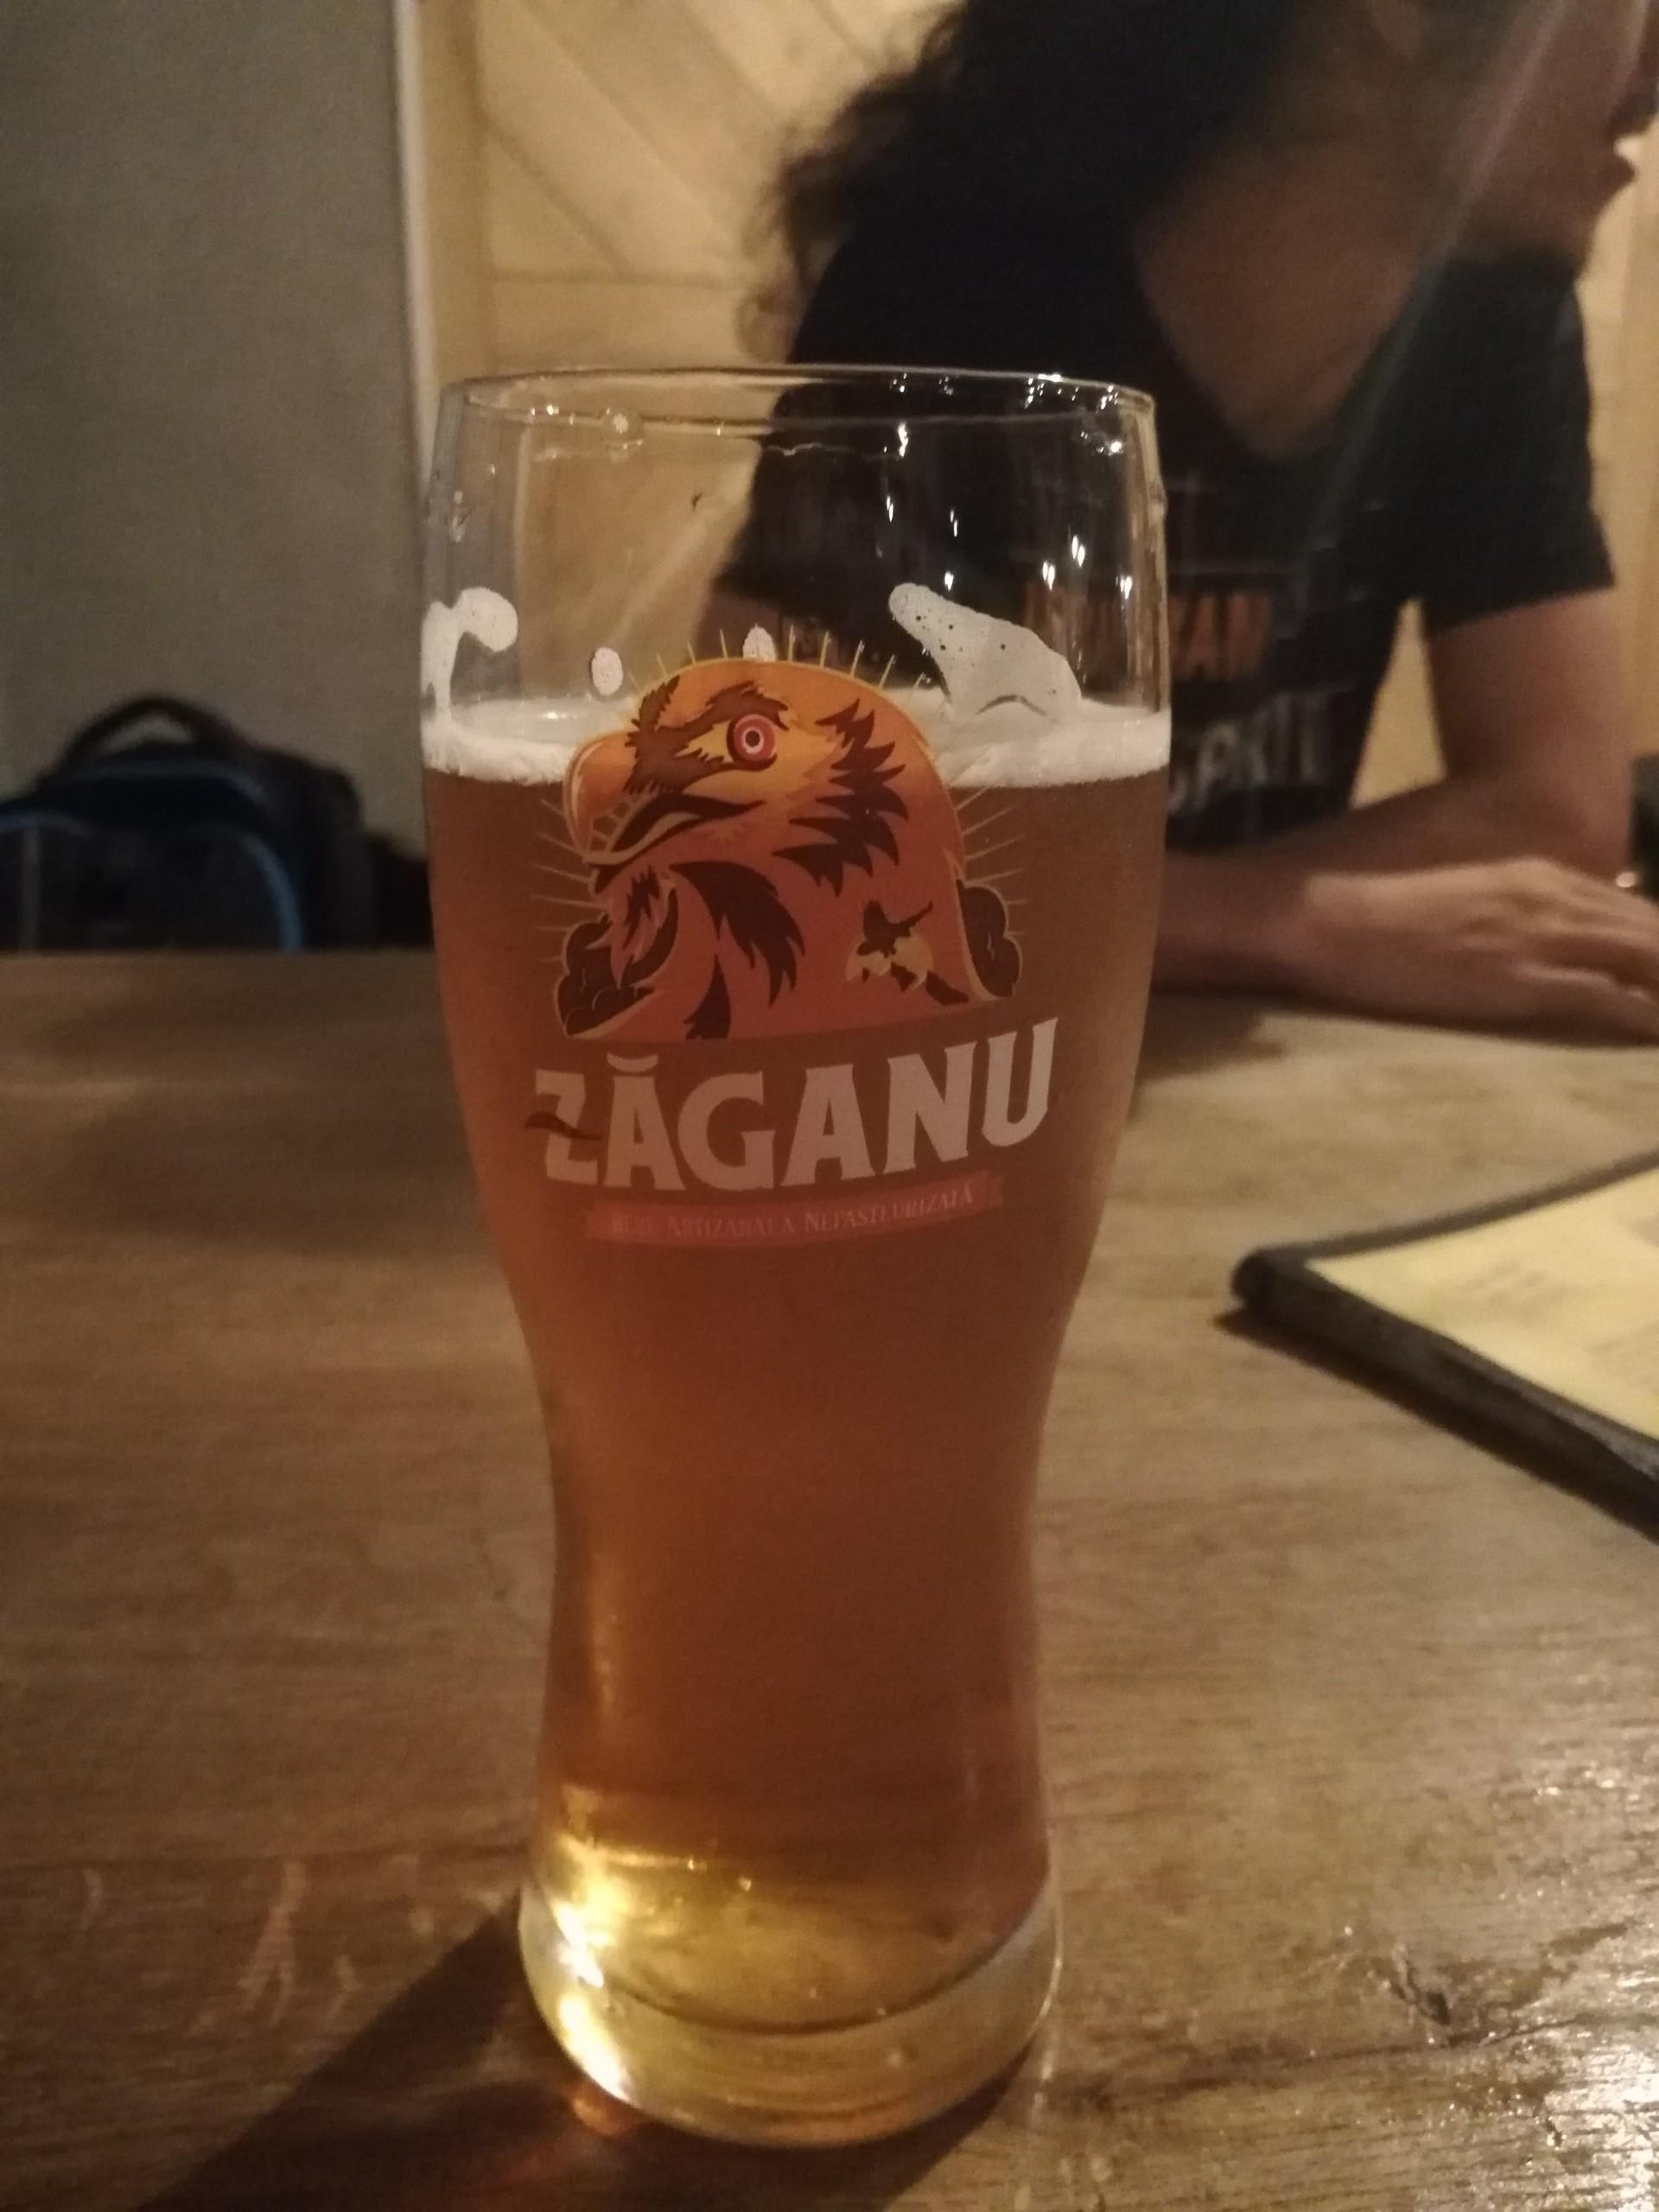 good-beer-a42e55b316e516a74e0c5bfd2a20bf